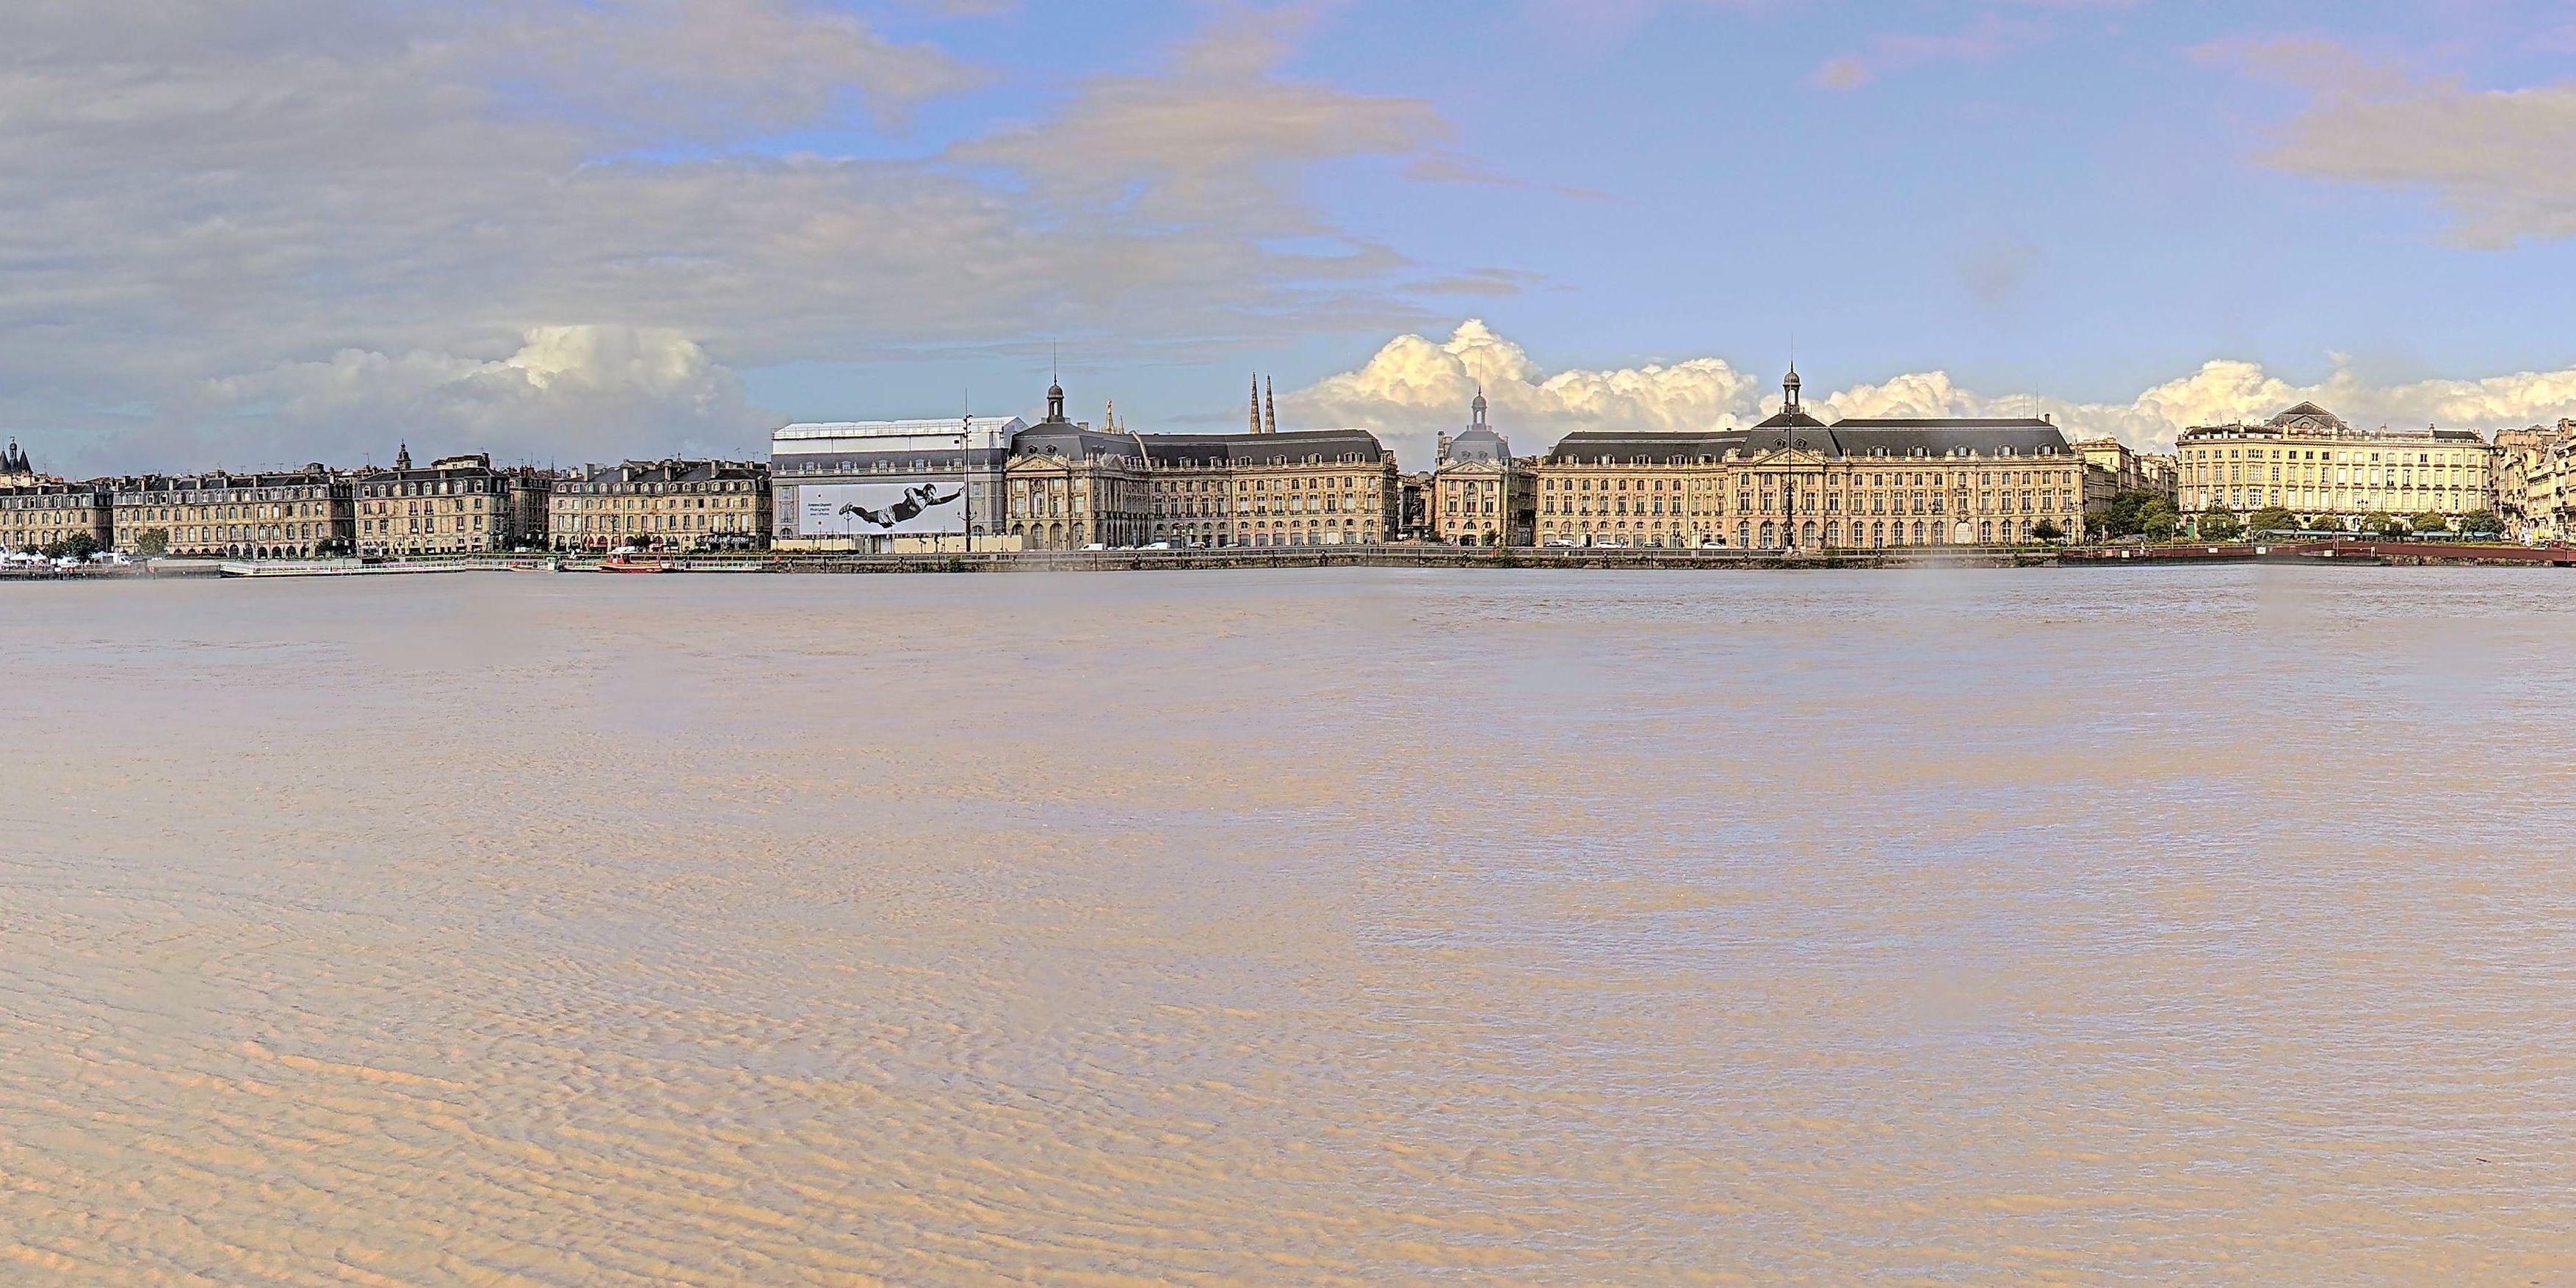 Bordeaux Thu. 11:06